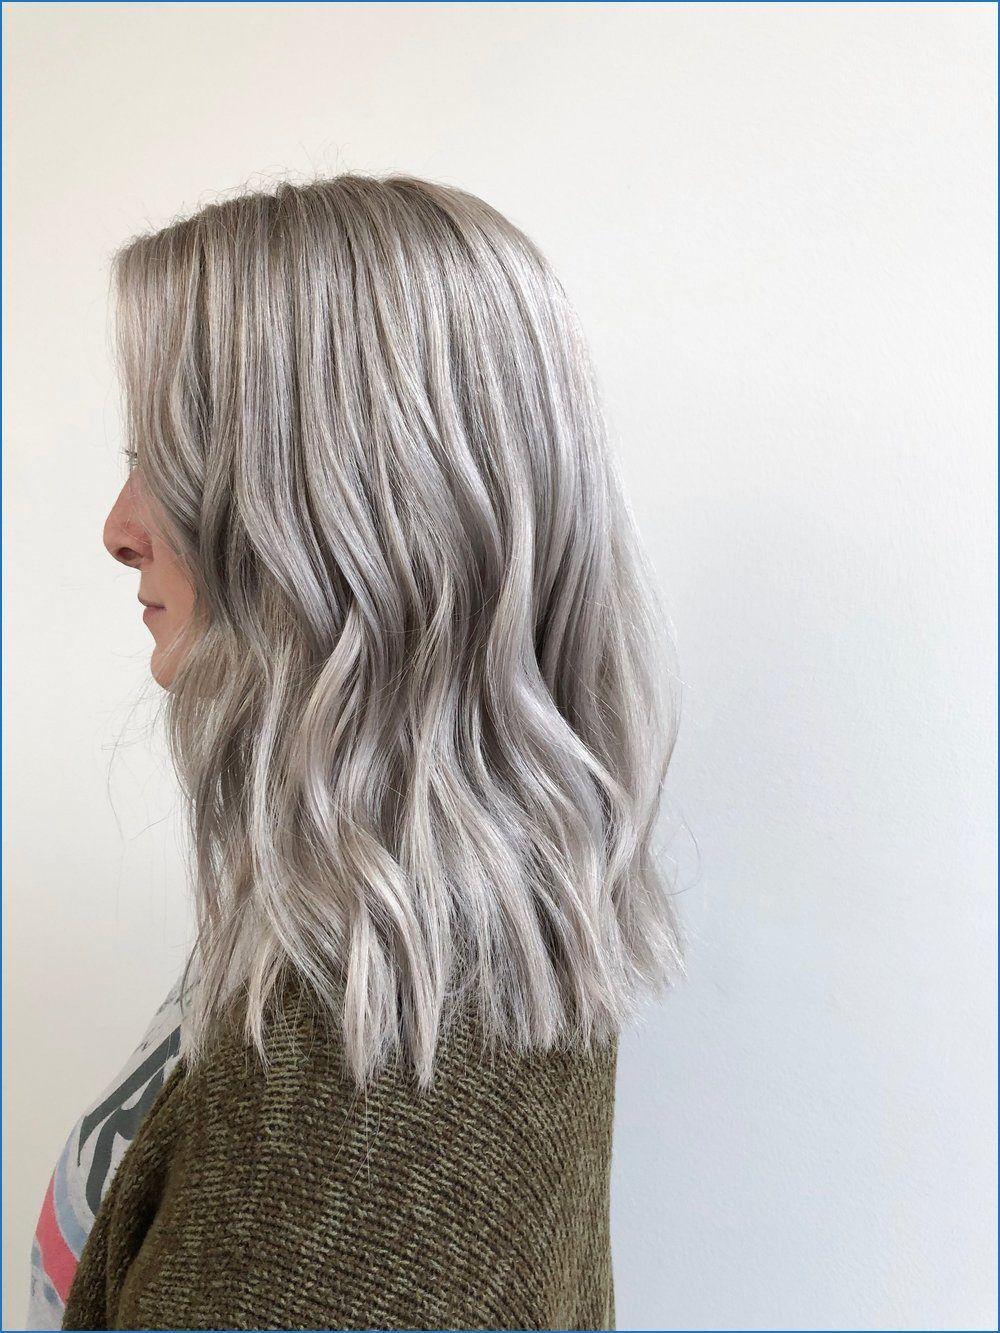 Frisuren Mit Pony Puffin Haare Jull Icy Blonde Hair Icy Blonde Blonde Hair Tips